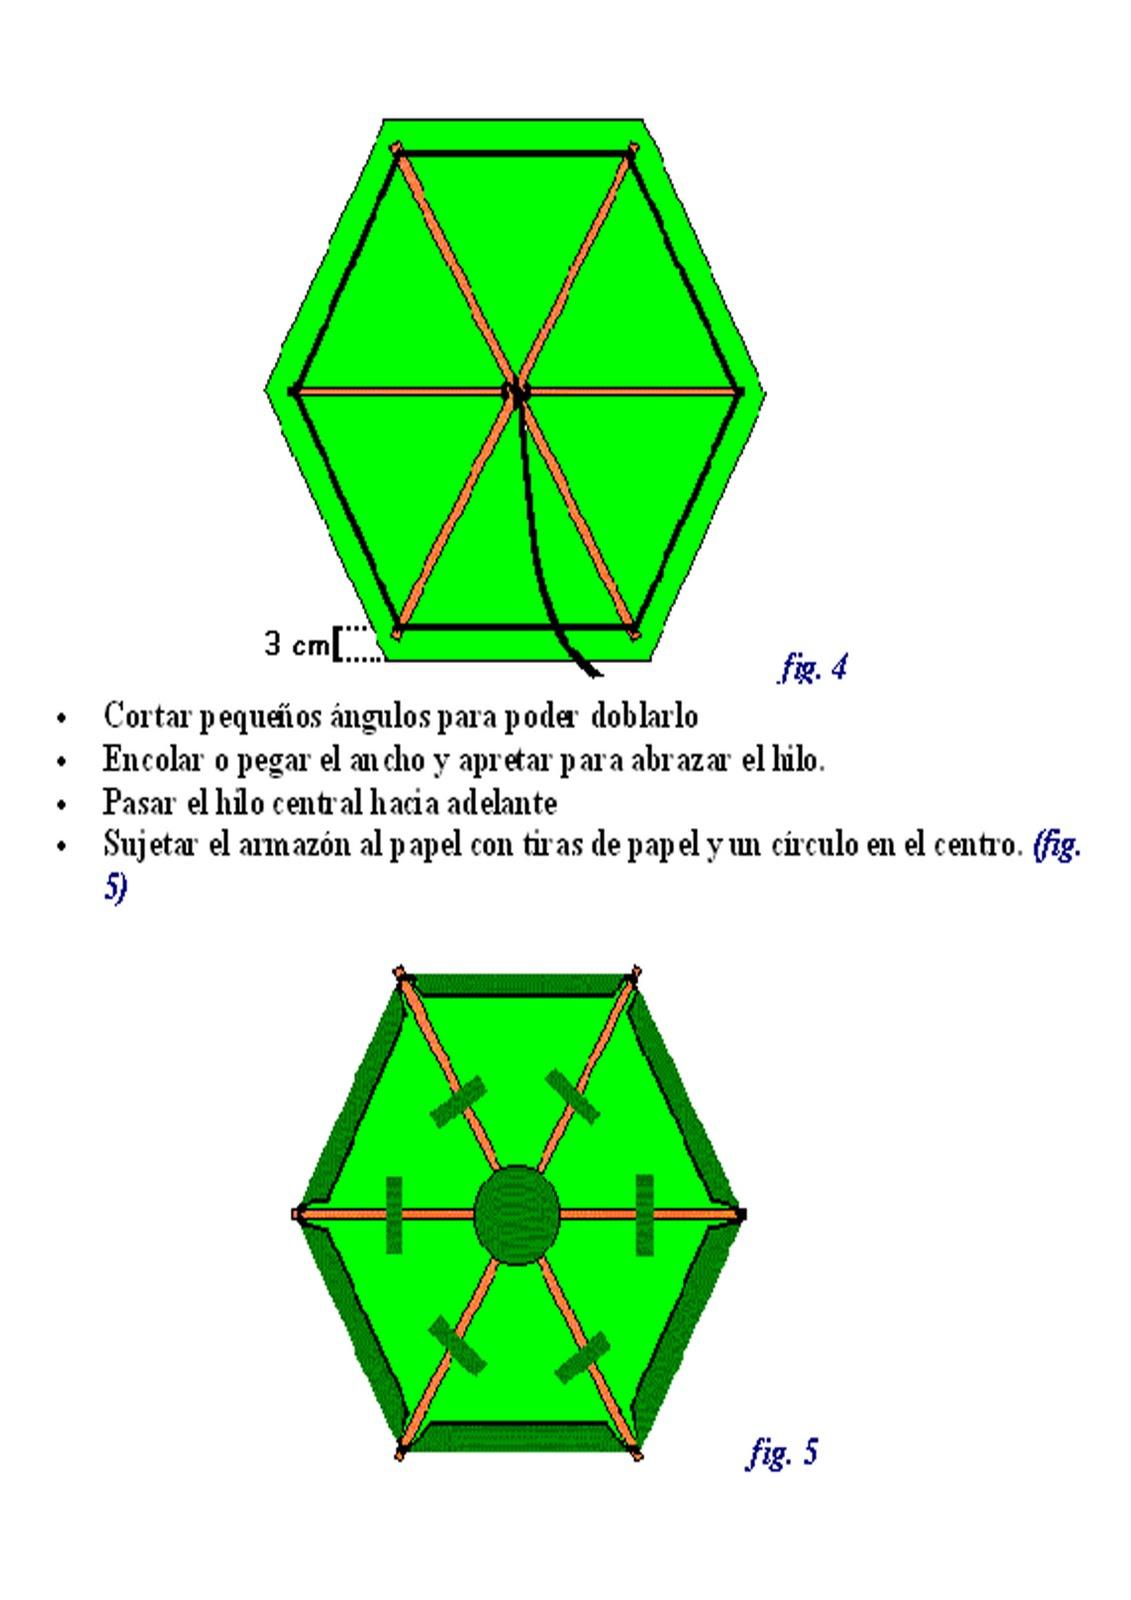 5bf19675e Charlyhandyman: Como hacer una cometa hexagonal